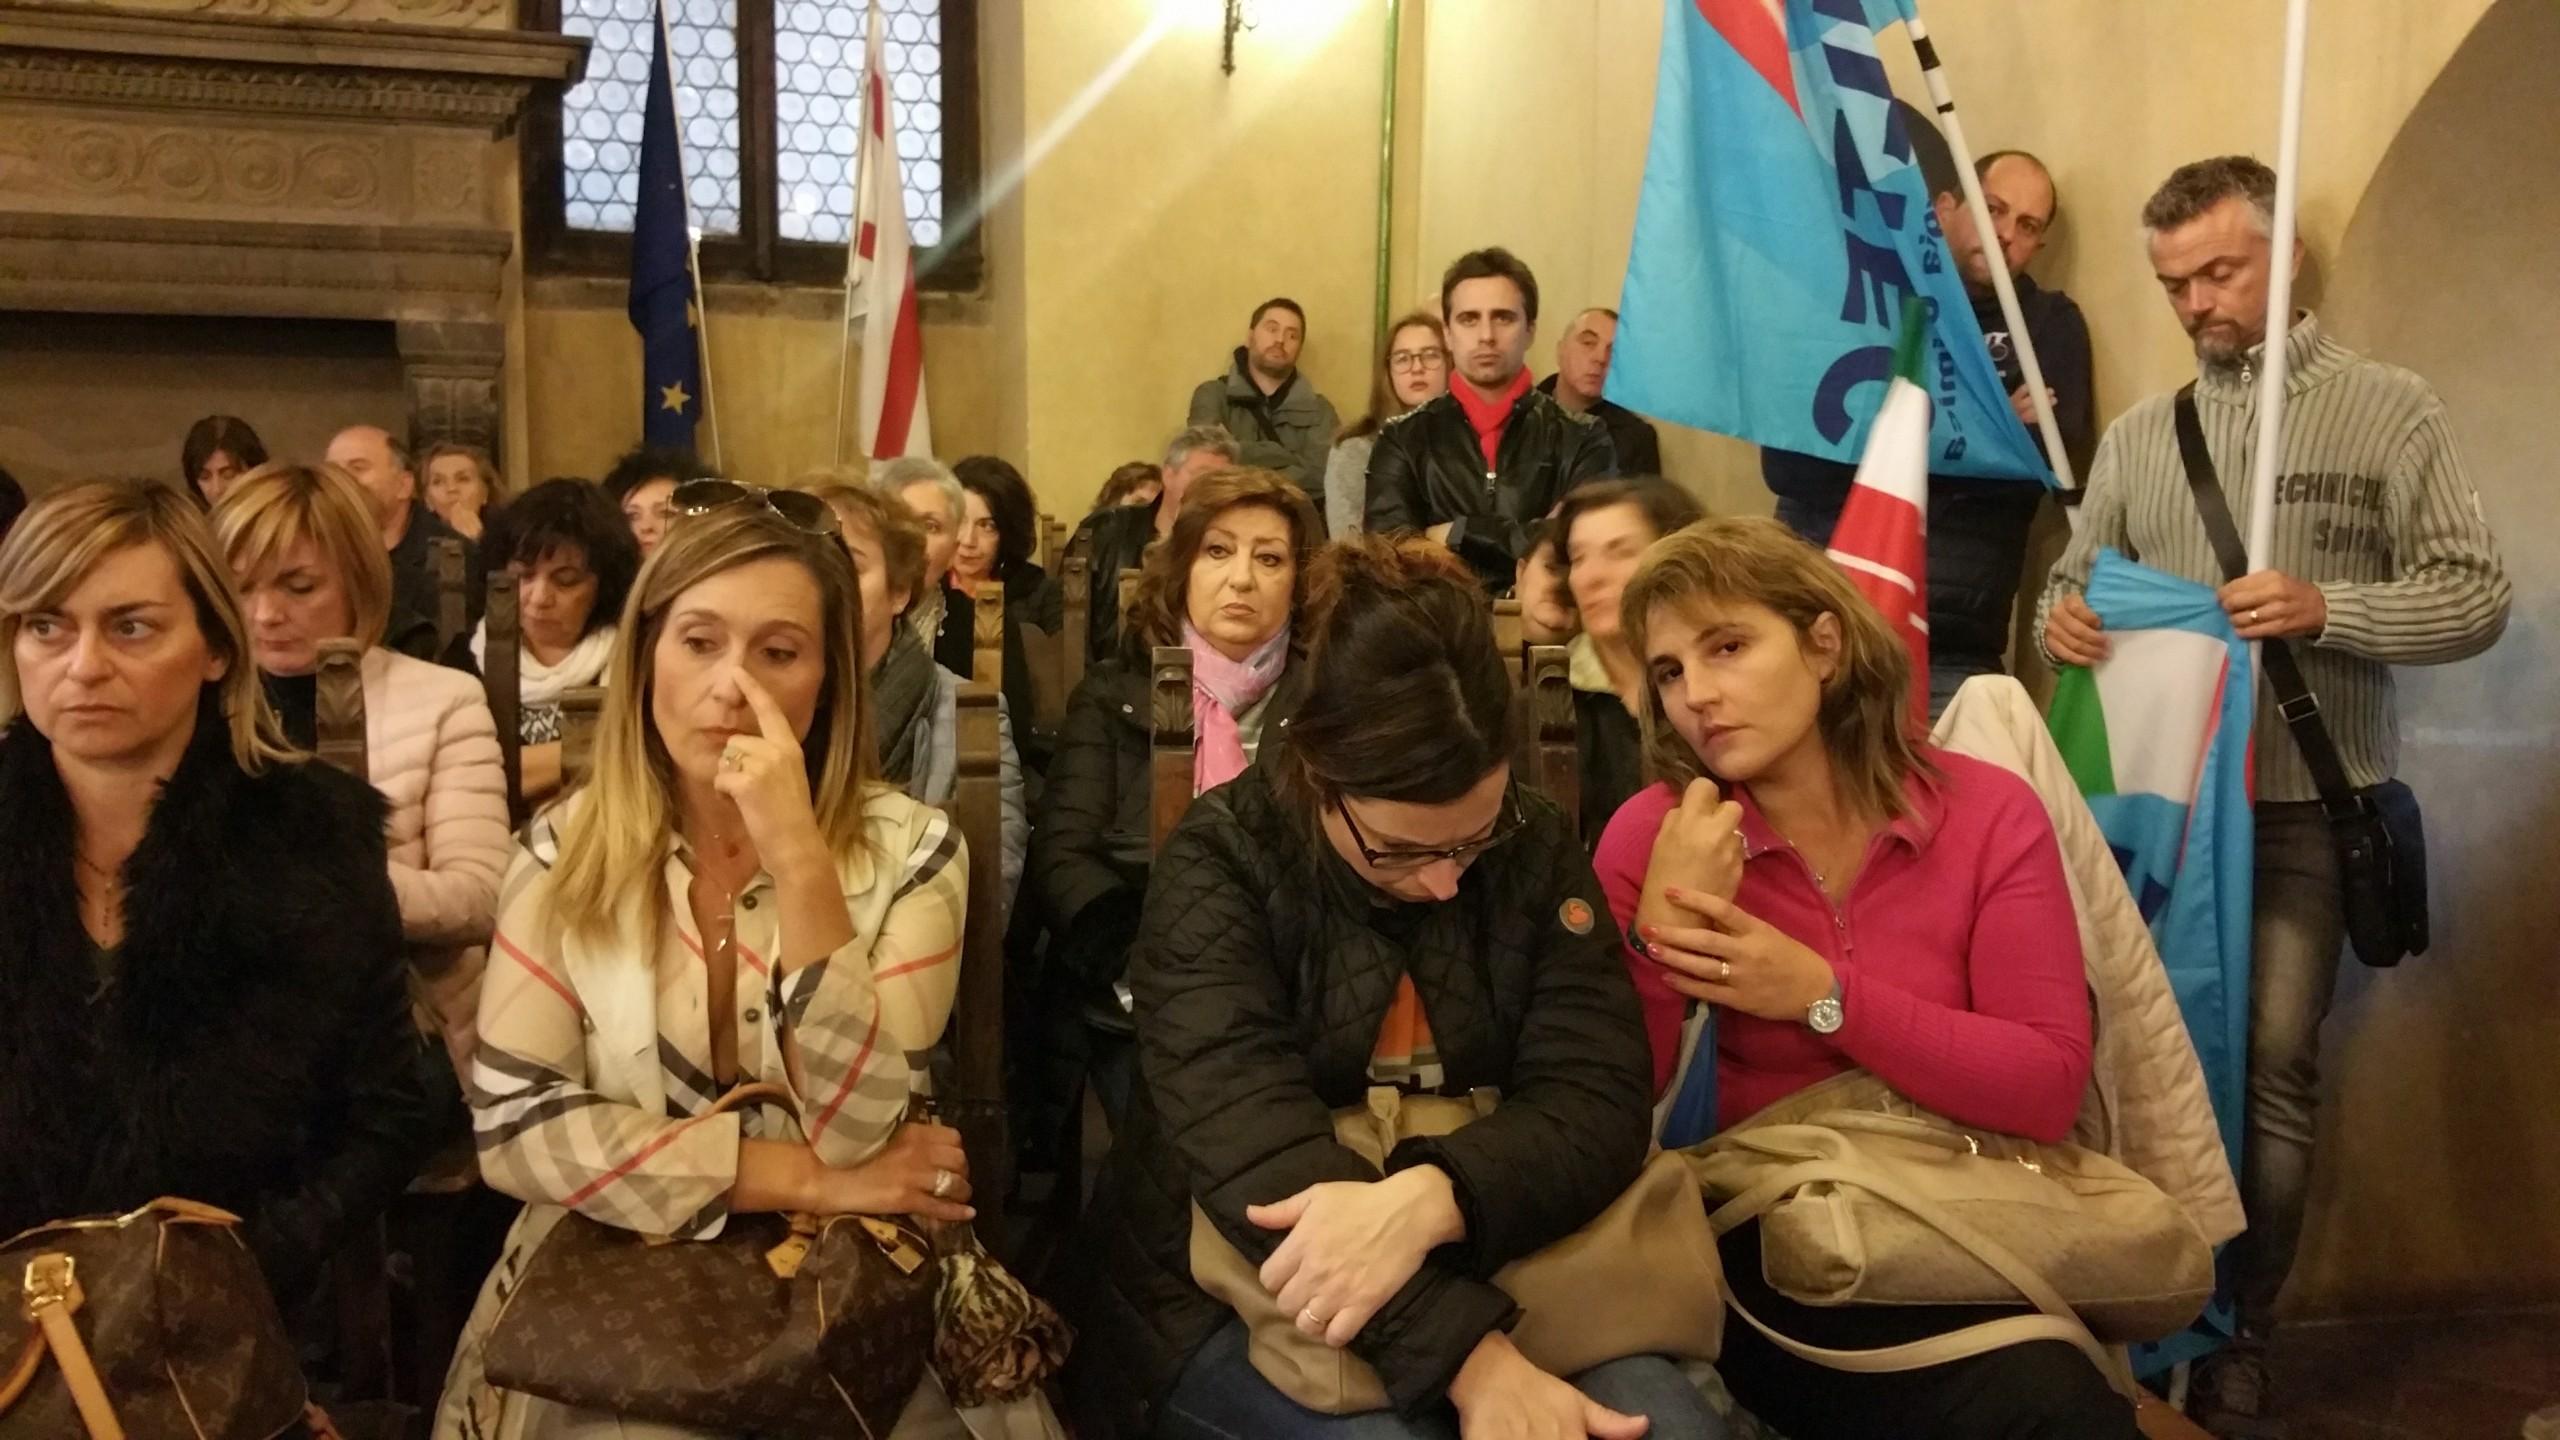 Lavoratrici della Cantarelli in piazza a Cortona per chiedere risposte sul loro futuro